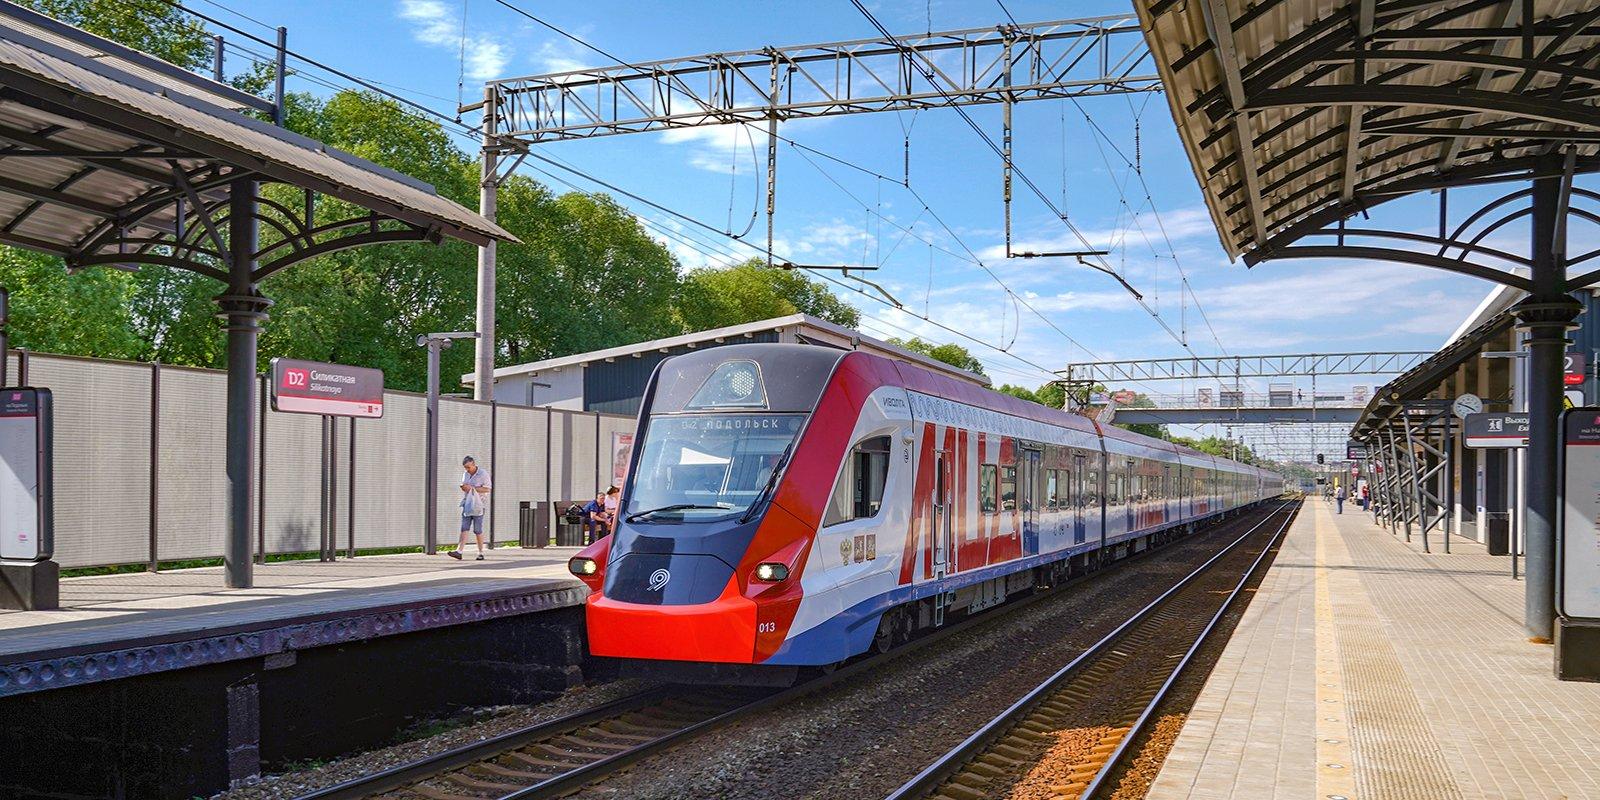 Сергей Собянин поздравил железнодорожников с профессиональным праздником